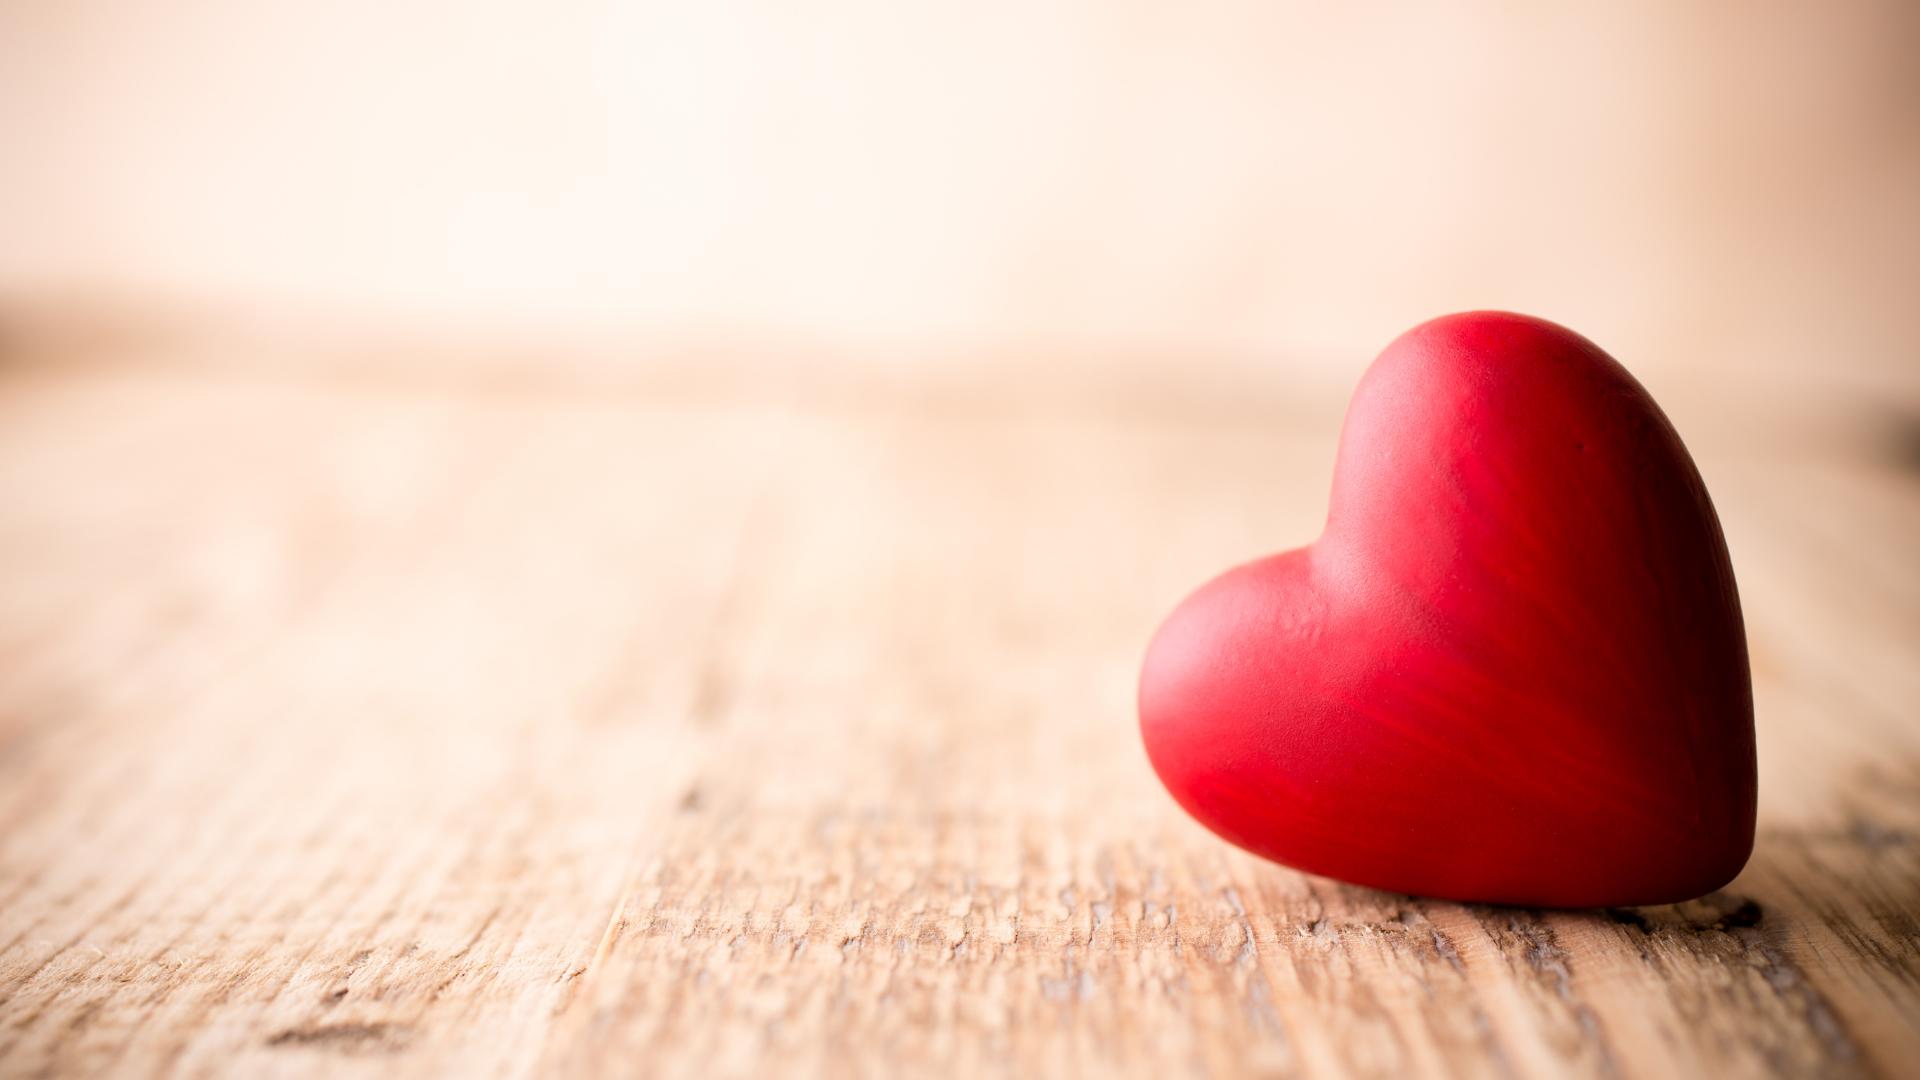 srdce - jeho části a vztahy v organismu